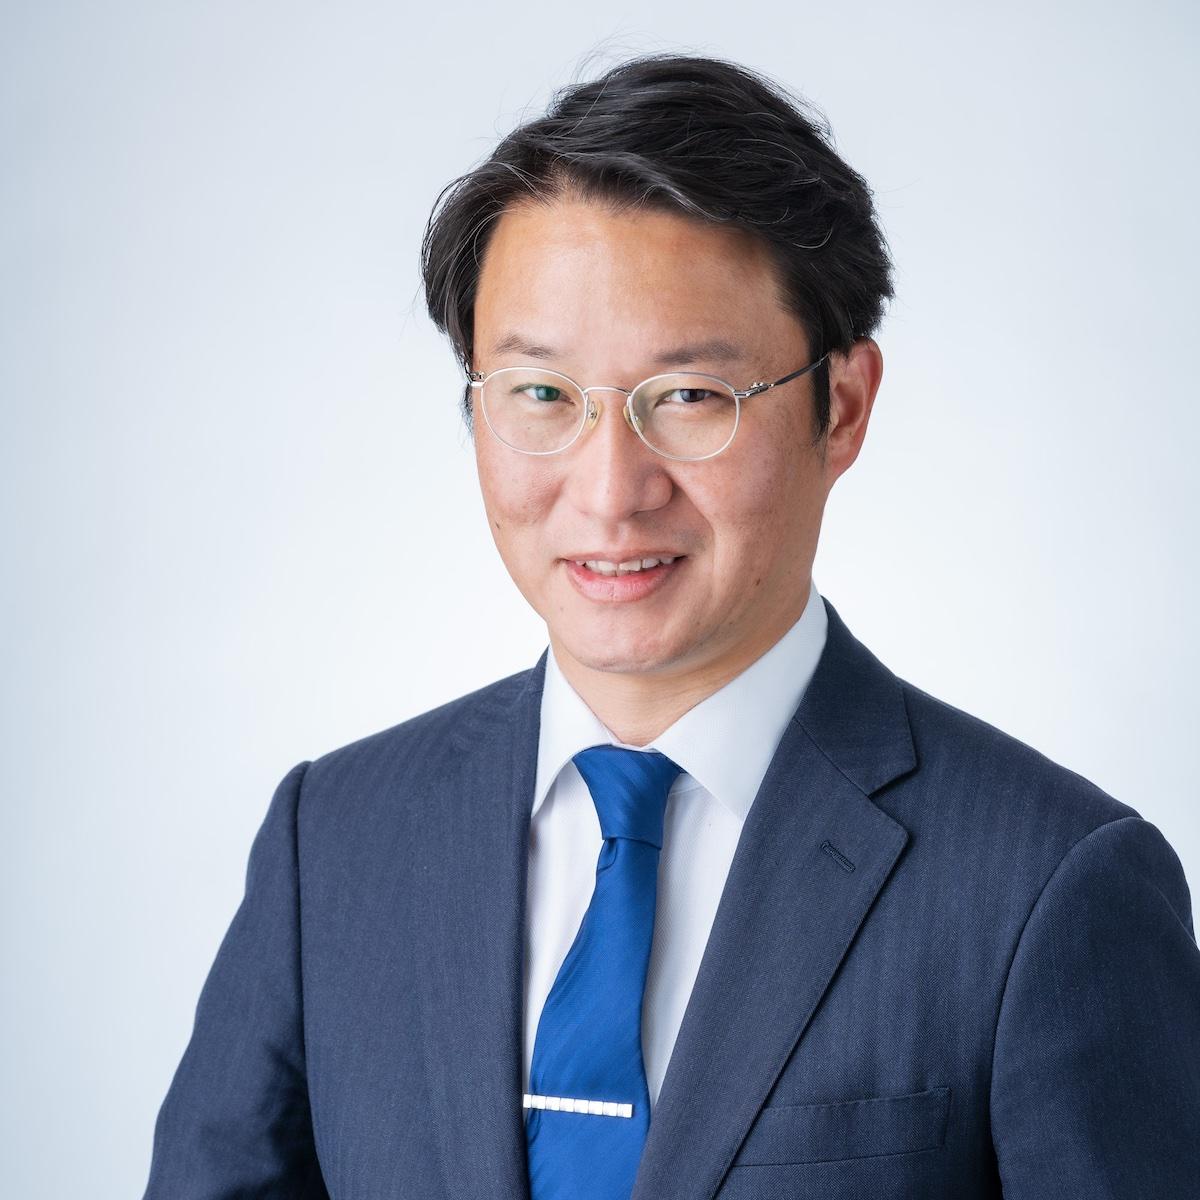 株式会社ブイキューブ GAX 代表 コンサルタント佐藤 岳